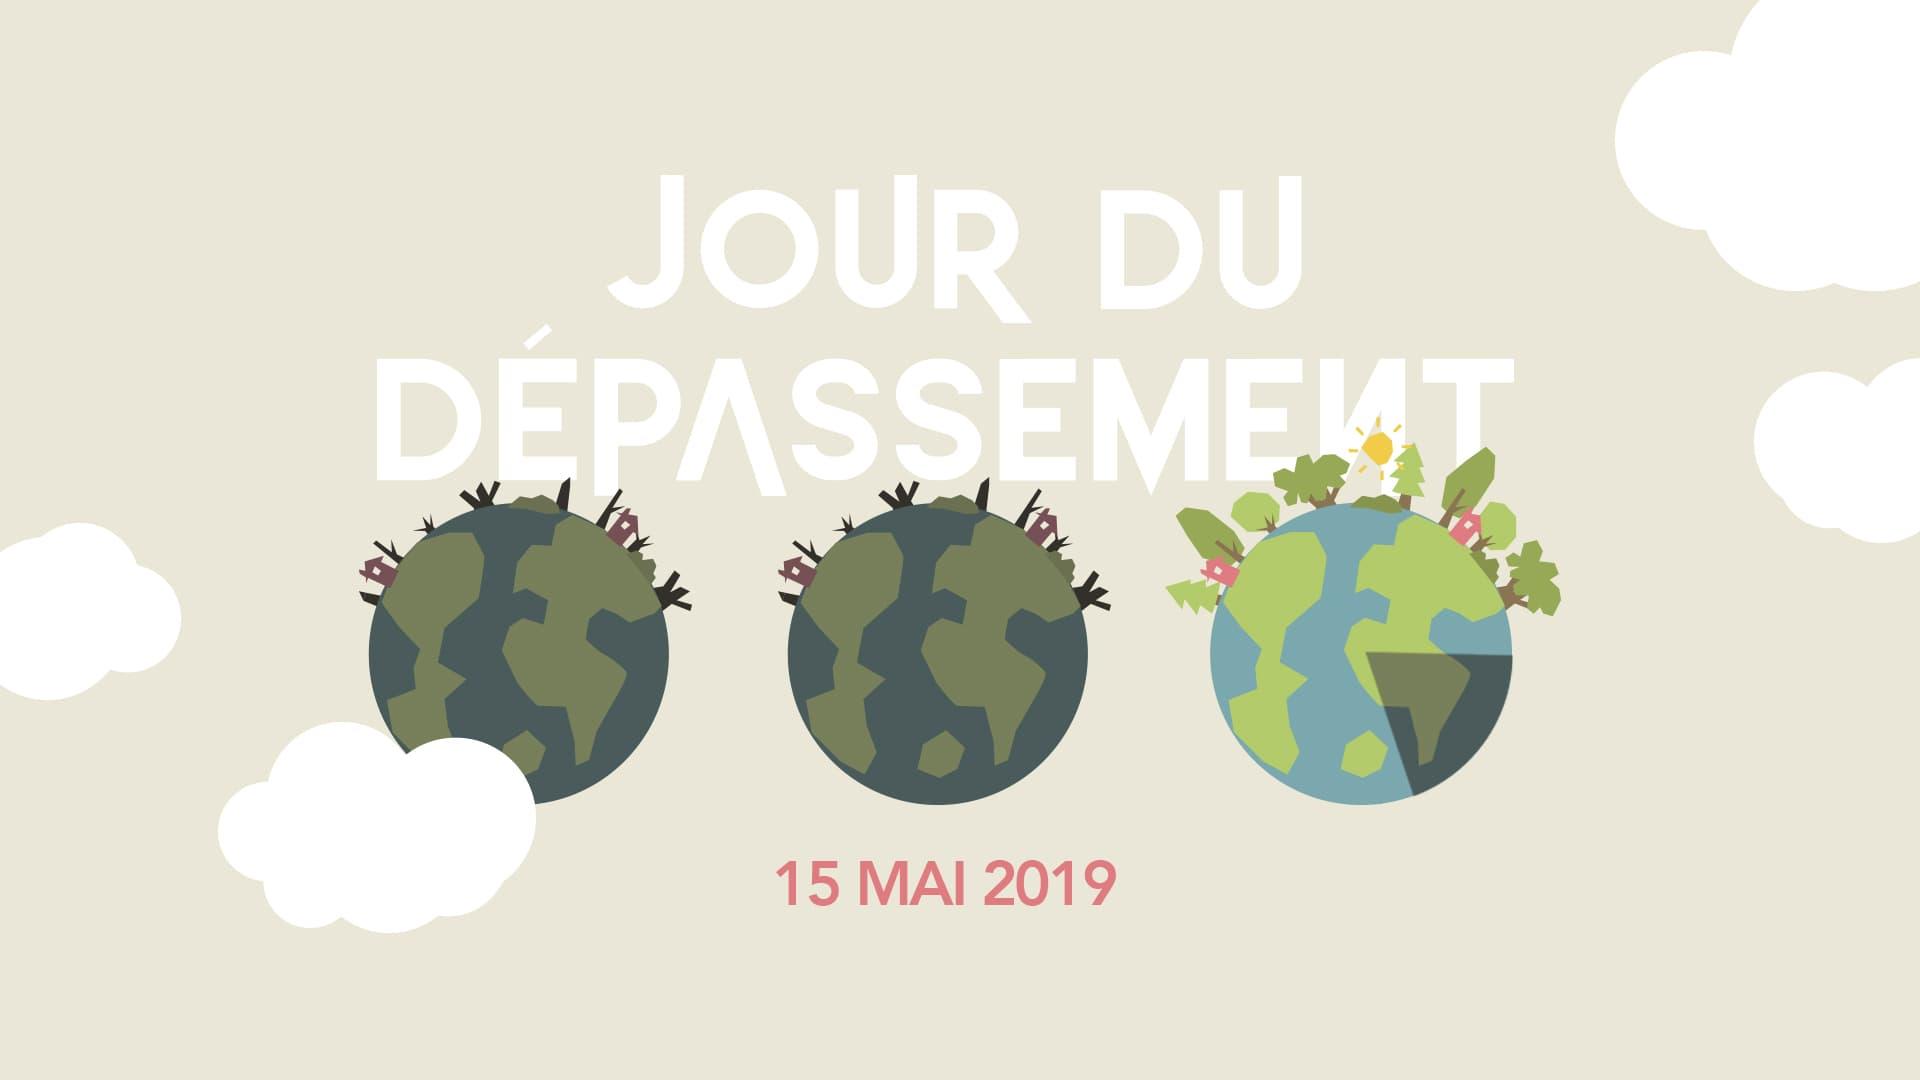 Le jour du dépassement en France